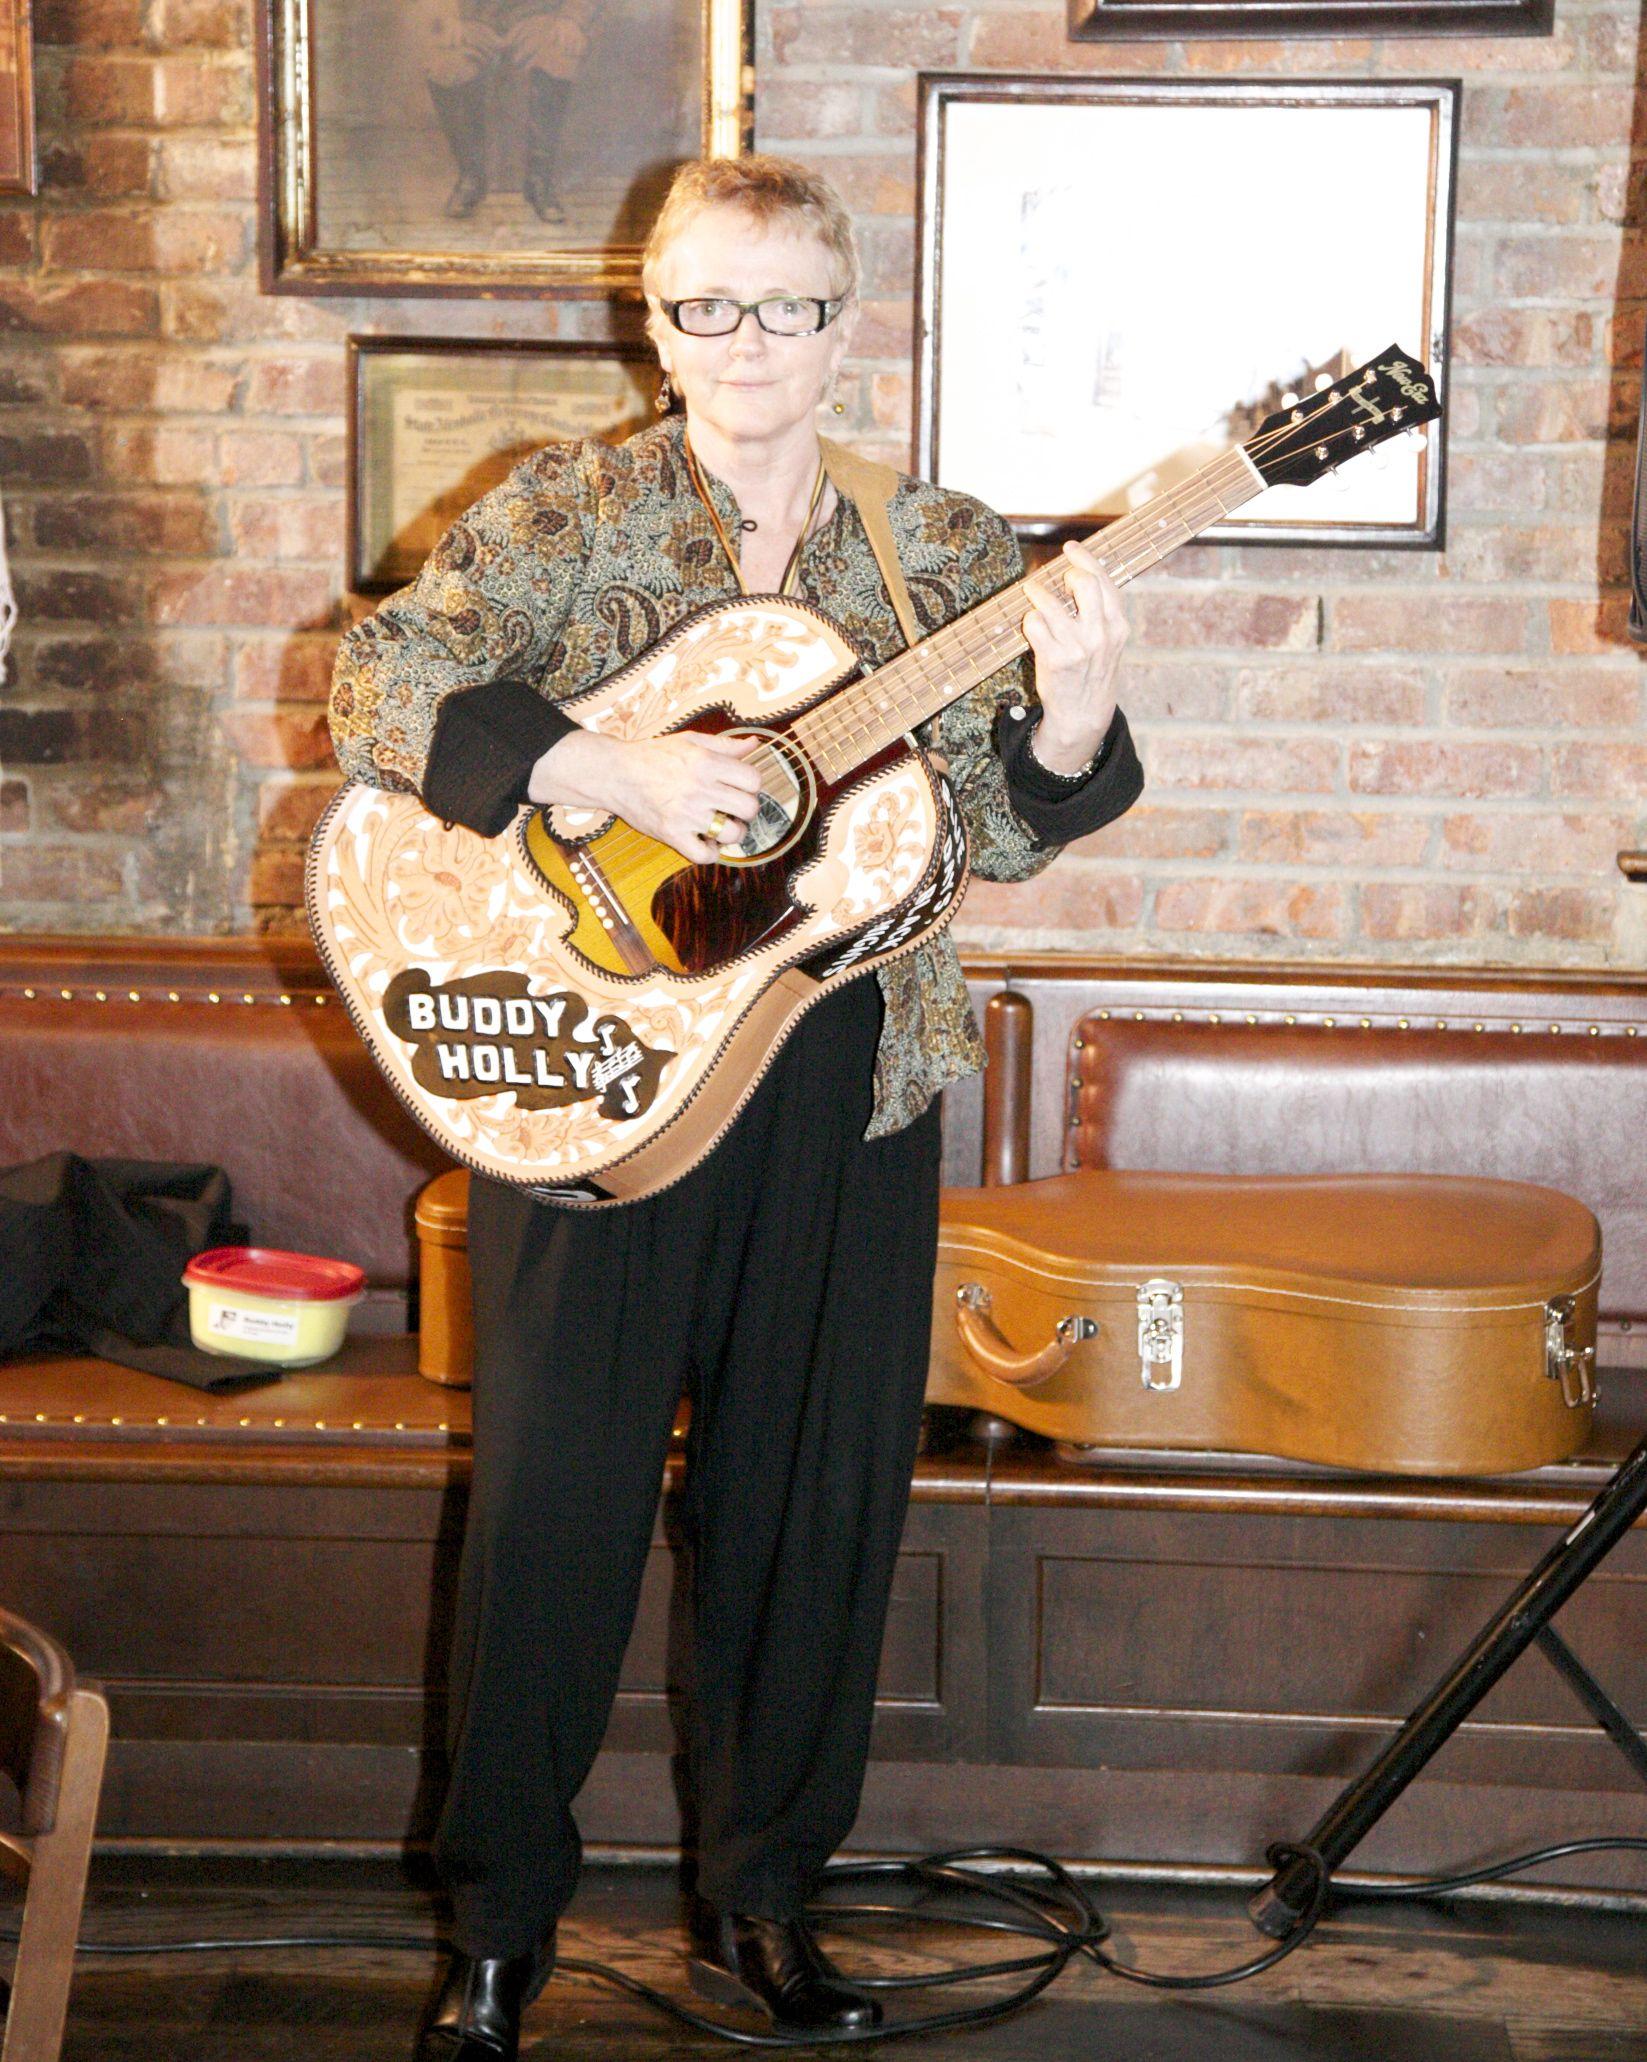 Buddy Holly Guitar Regan mccarthy and buddy holly Buddy Holly Electric Guitar